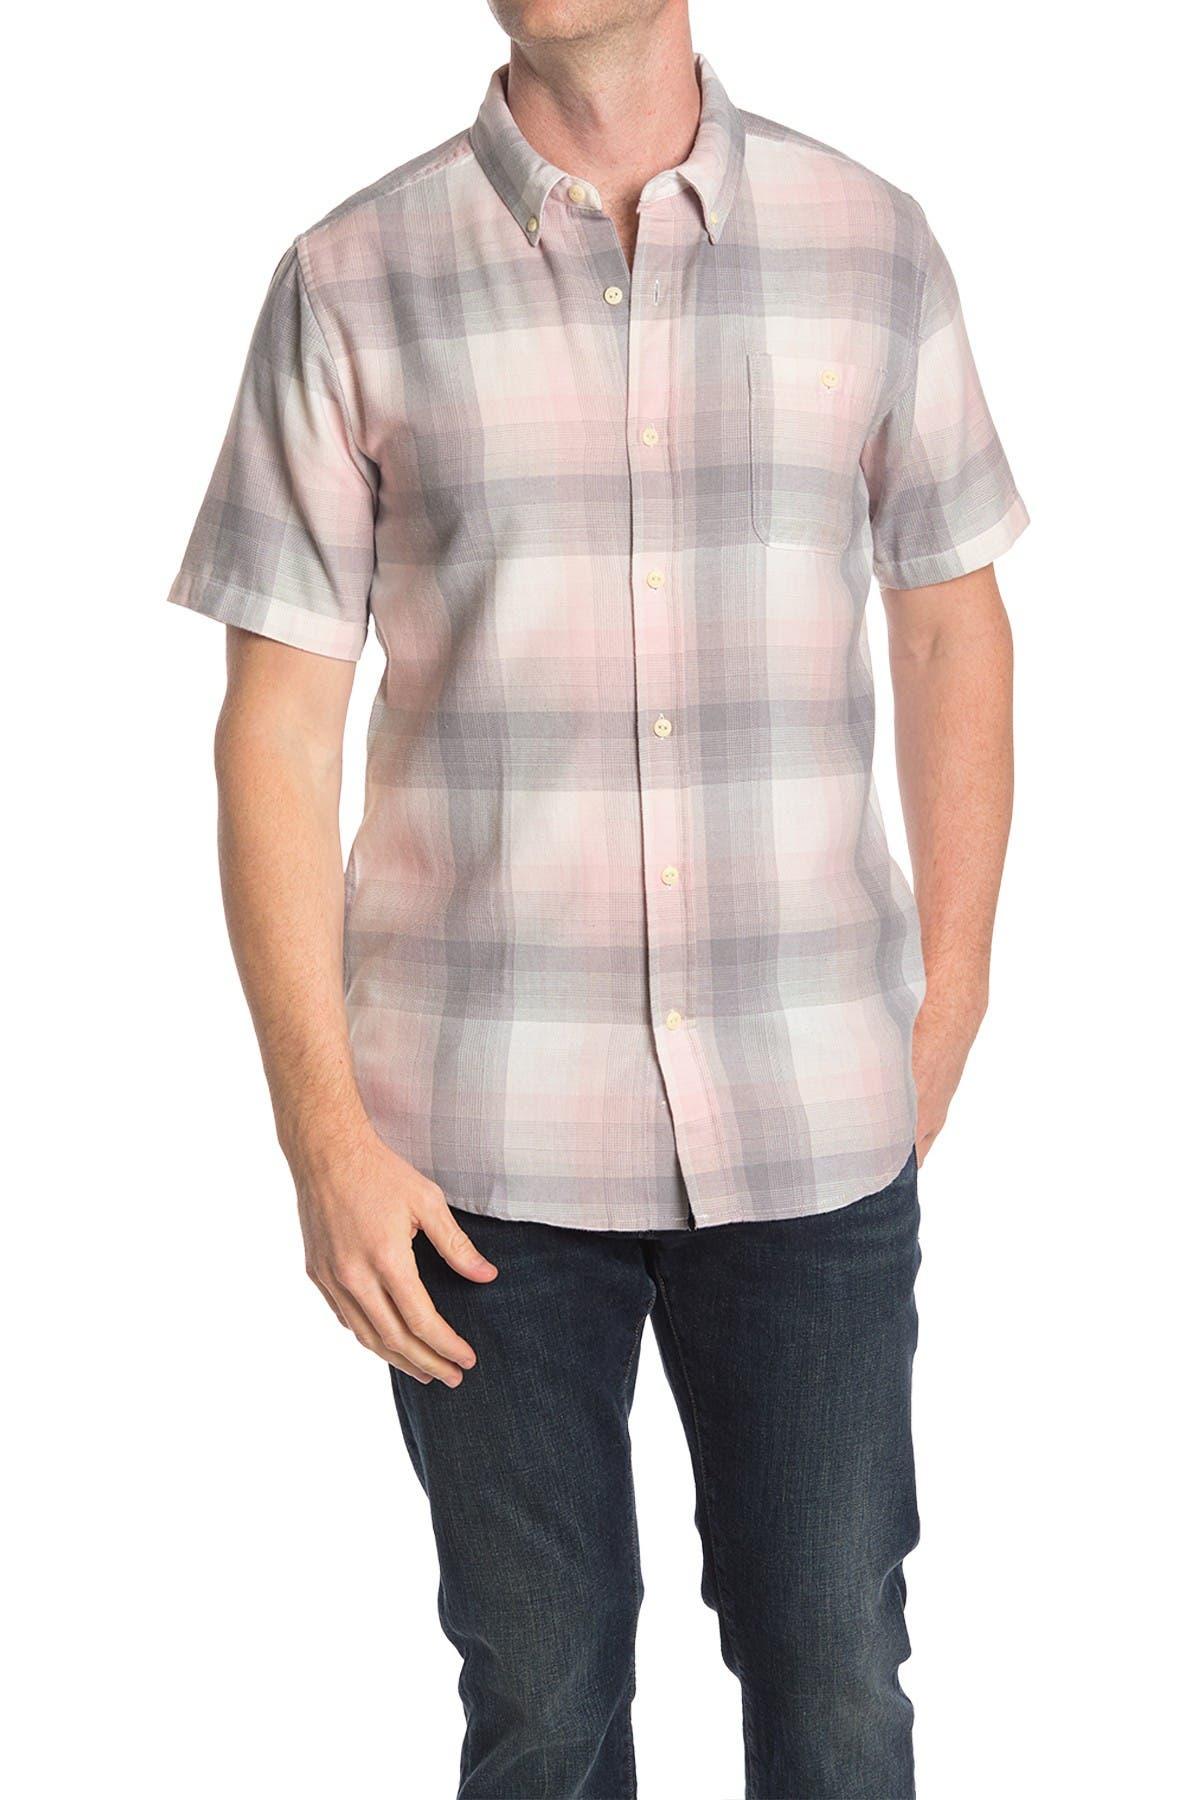 Image of Ezekiel Tarly Plaid Short Sleeve Shirt